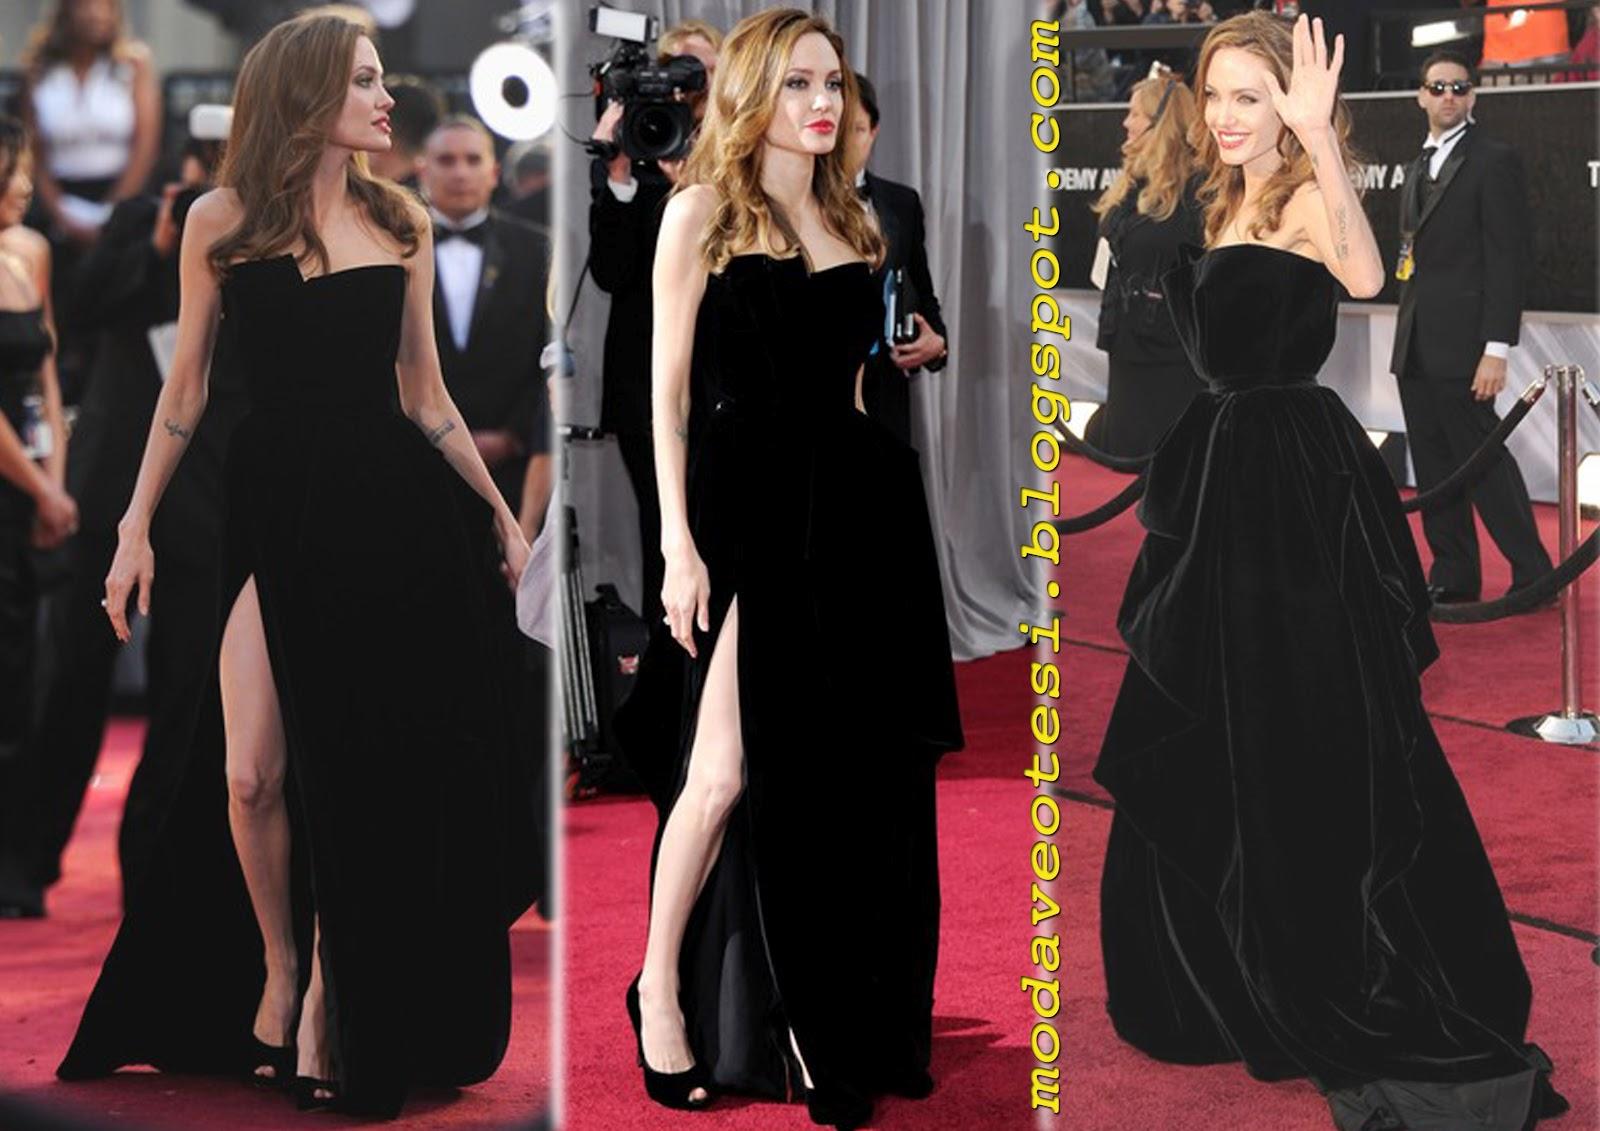 http://3.bp.blogspot.com/-yaix0M19KTw/T0r7e7UflfI/AAAAAAAADgg/uegIRCtJc4k/s1600/Angelina+Jolie+Oscar+2012.jpg